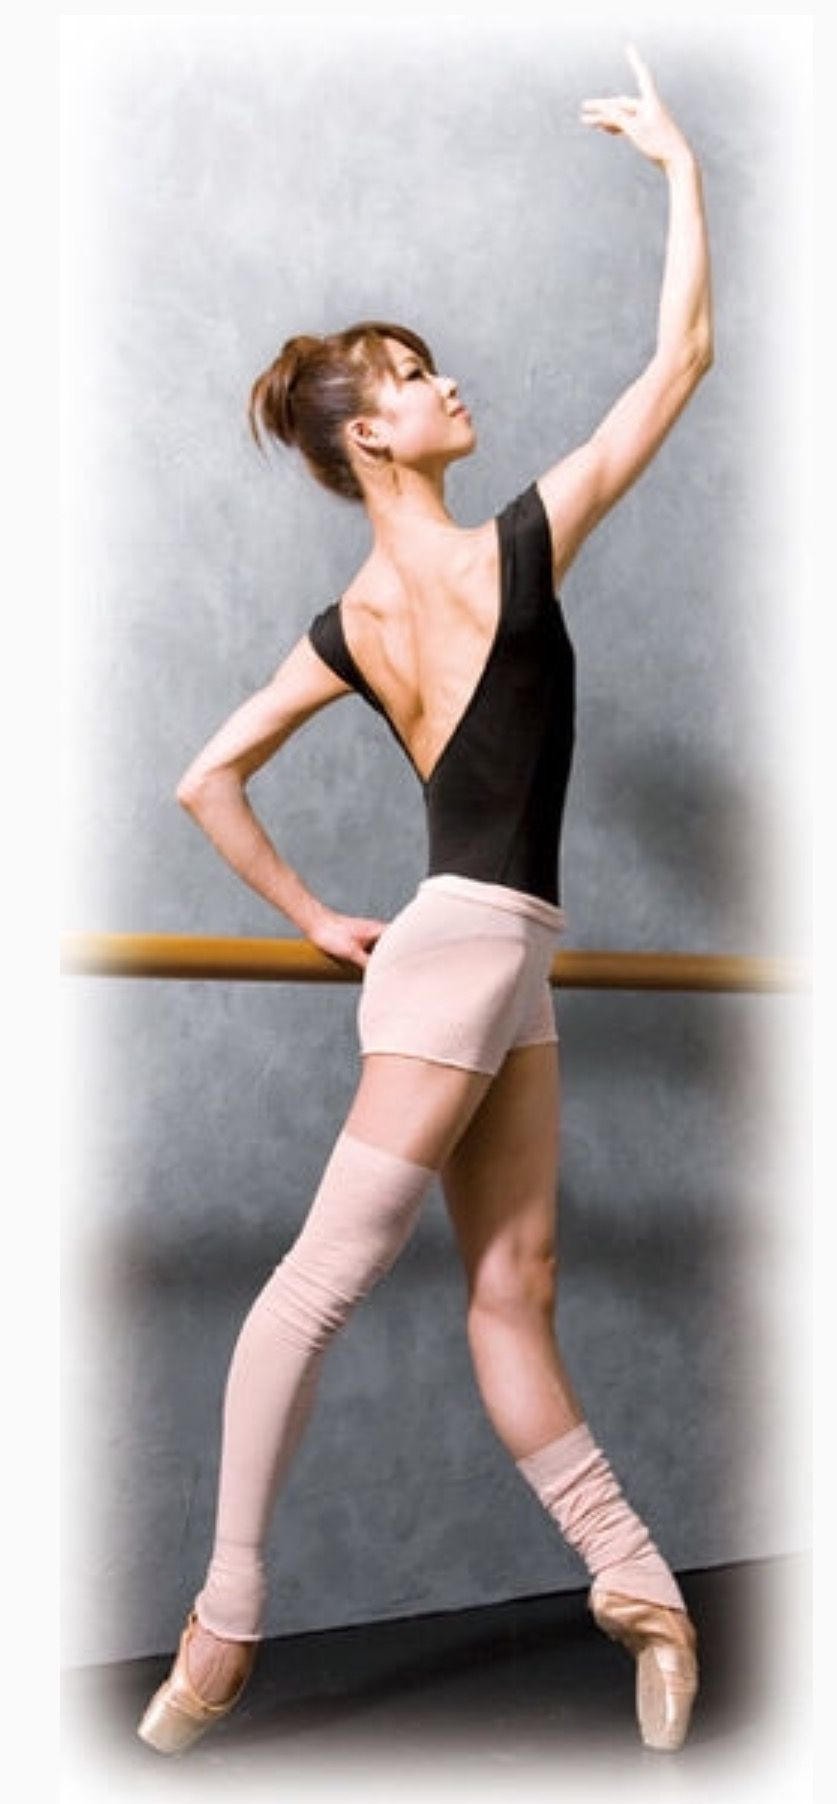 バレエ,バレリーナ,足の甲,甲を出す方法,綺麗,美しい,高い,甲出し,足の裏,鍛え方,ほぐし方,シルヴィー・ギエム,スヴェトラーナ・ザハロワ,中村祥子